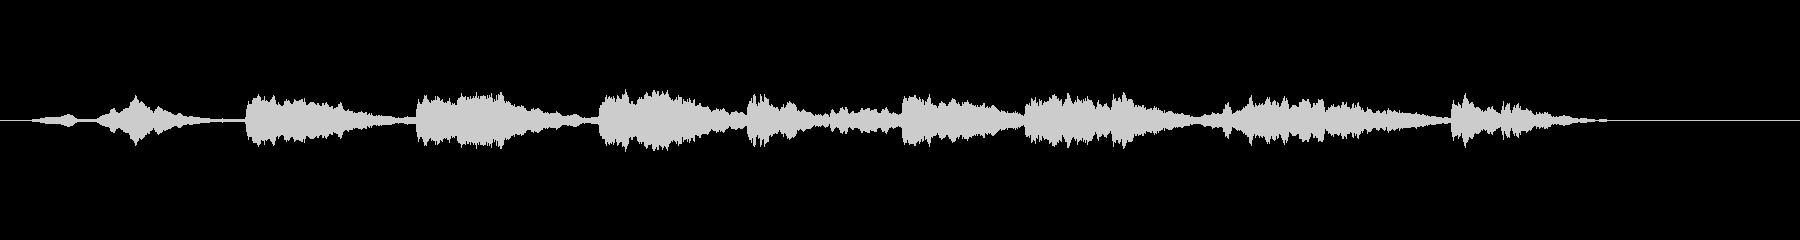 漂うような環境音楽風の未再生の波形